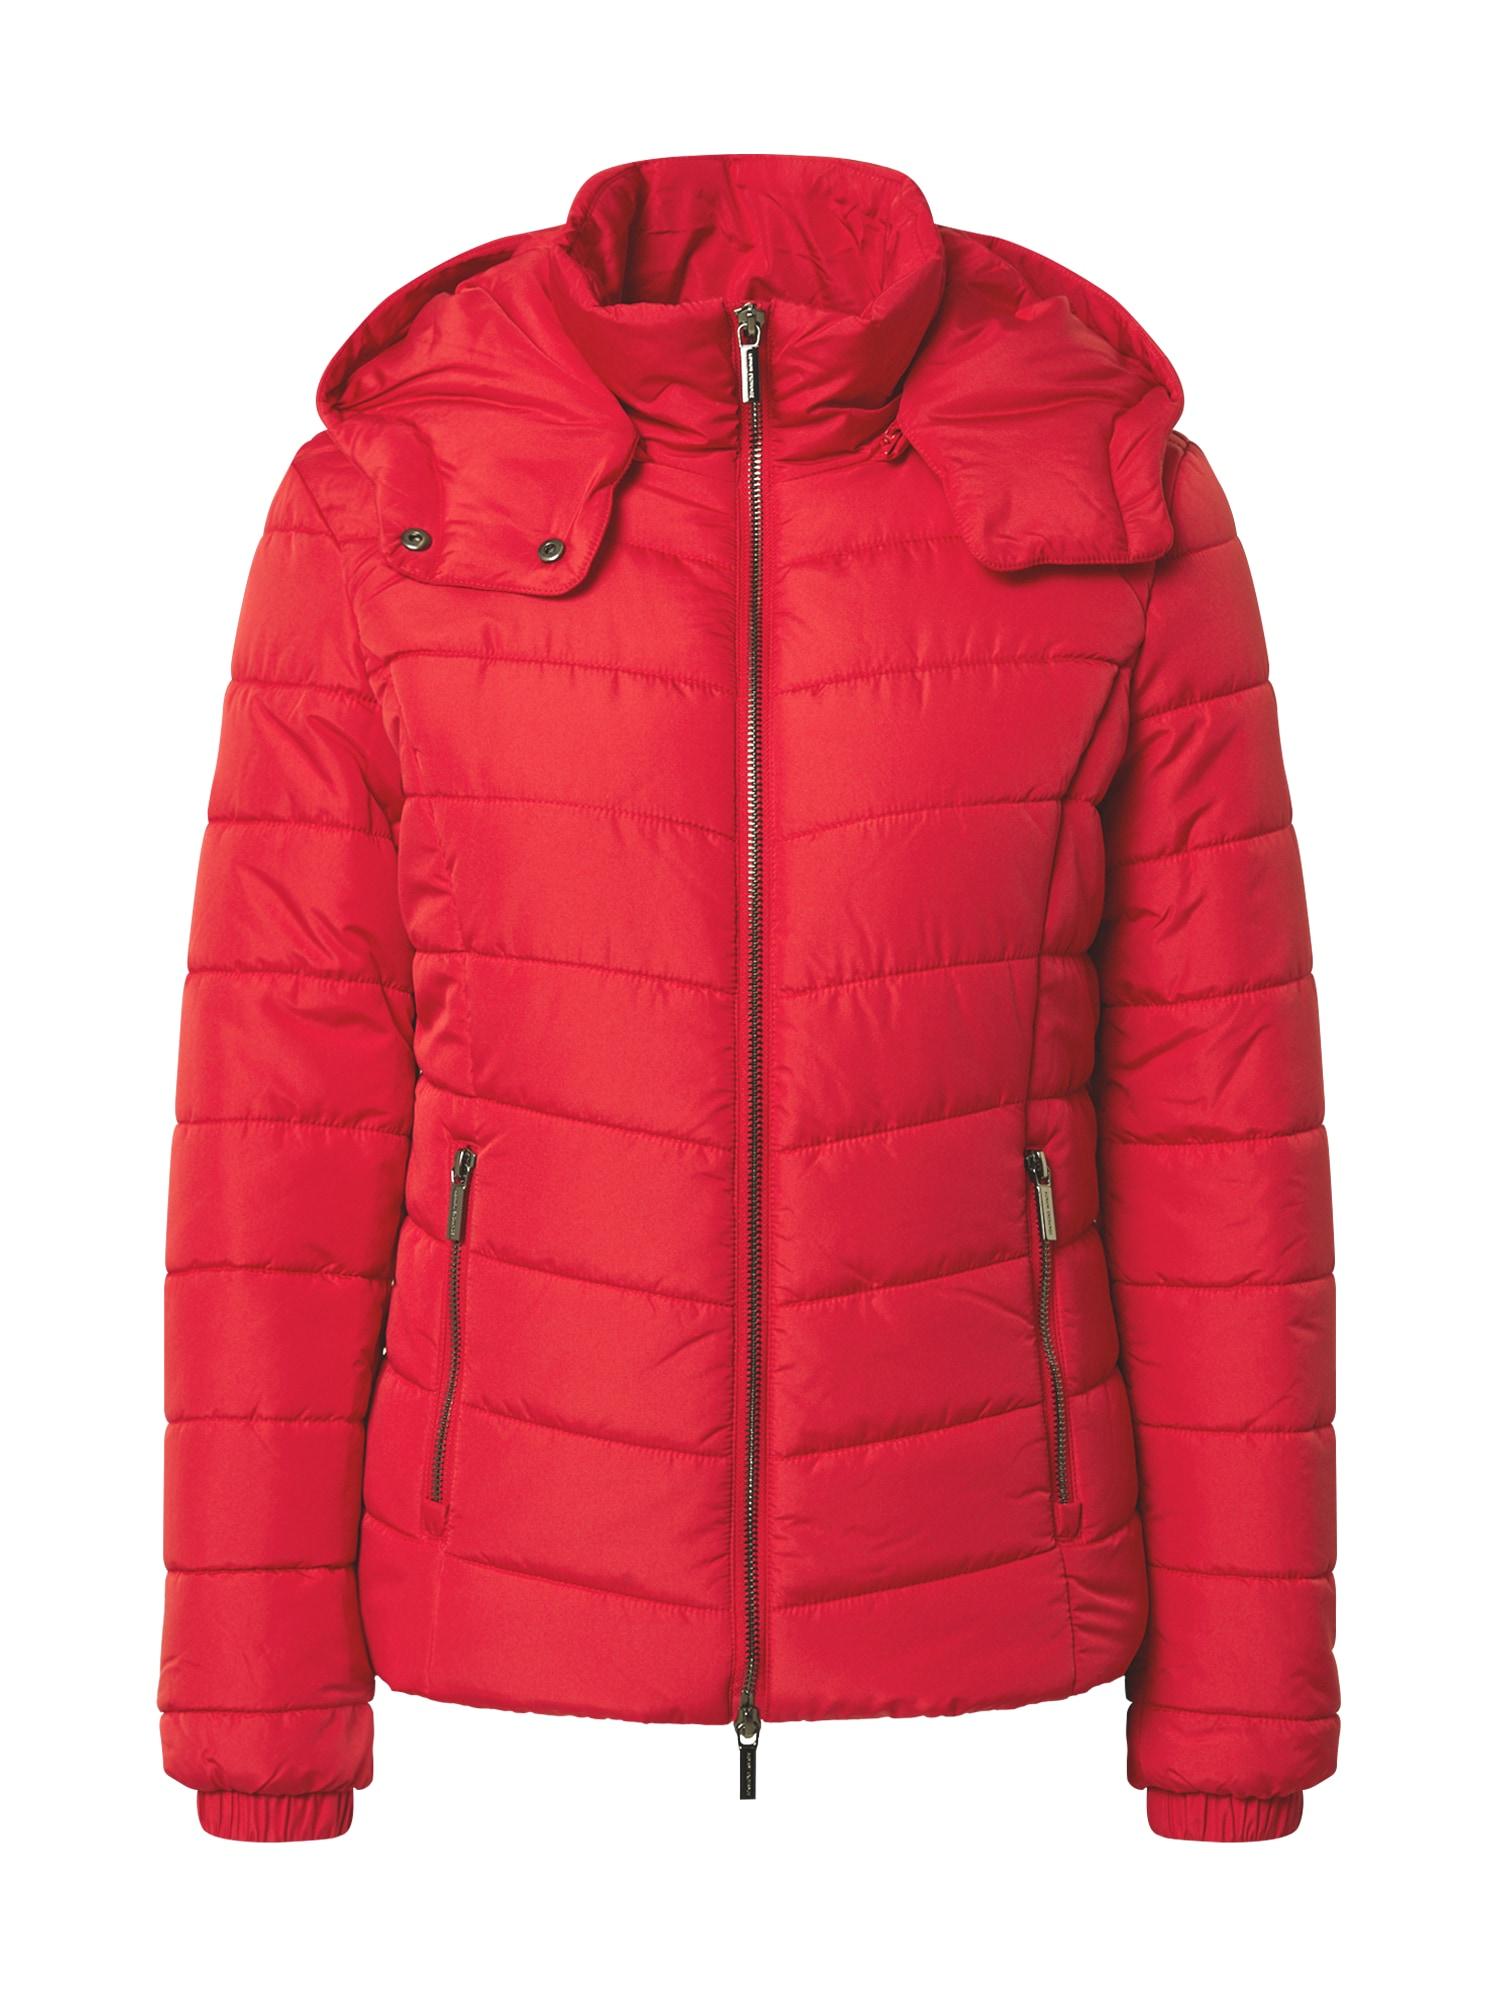 ARMANI EXCHANGE Žieminė striukė raudona